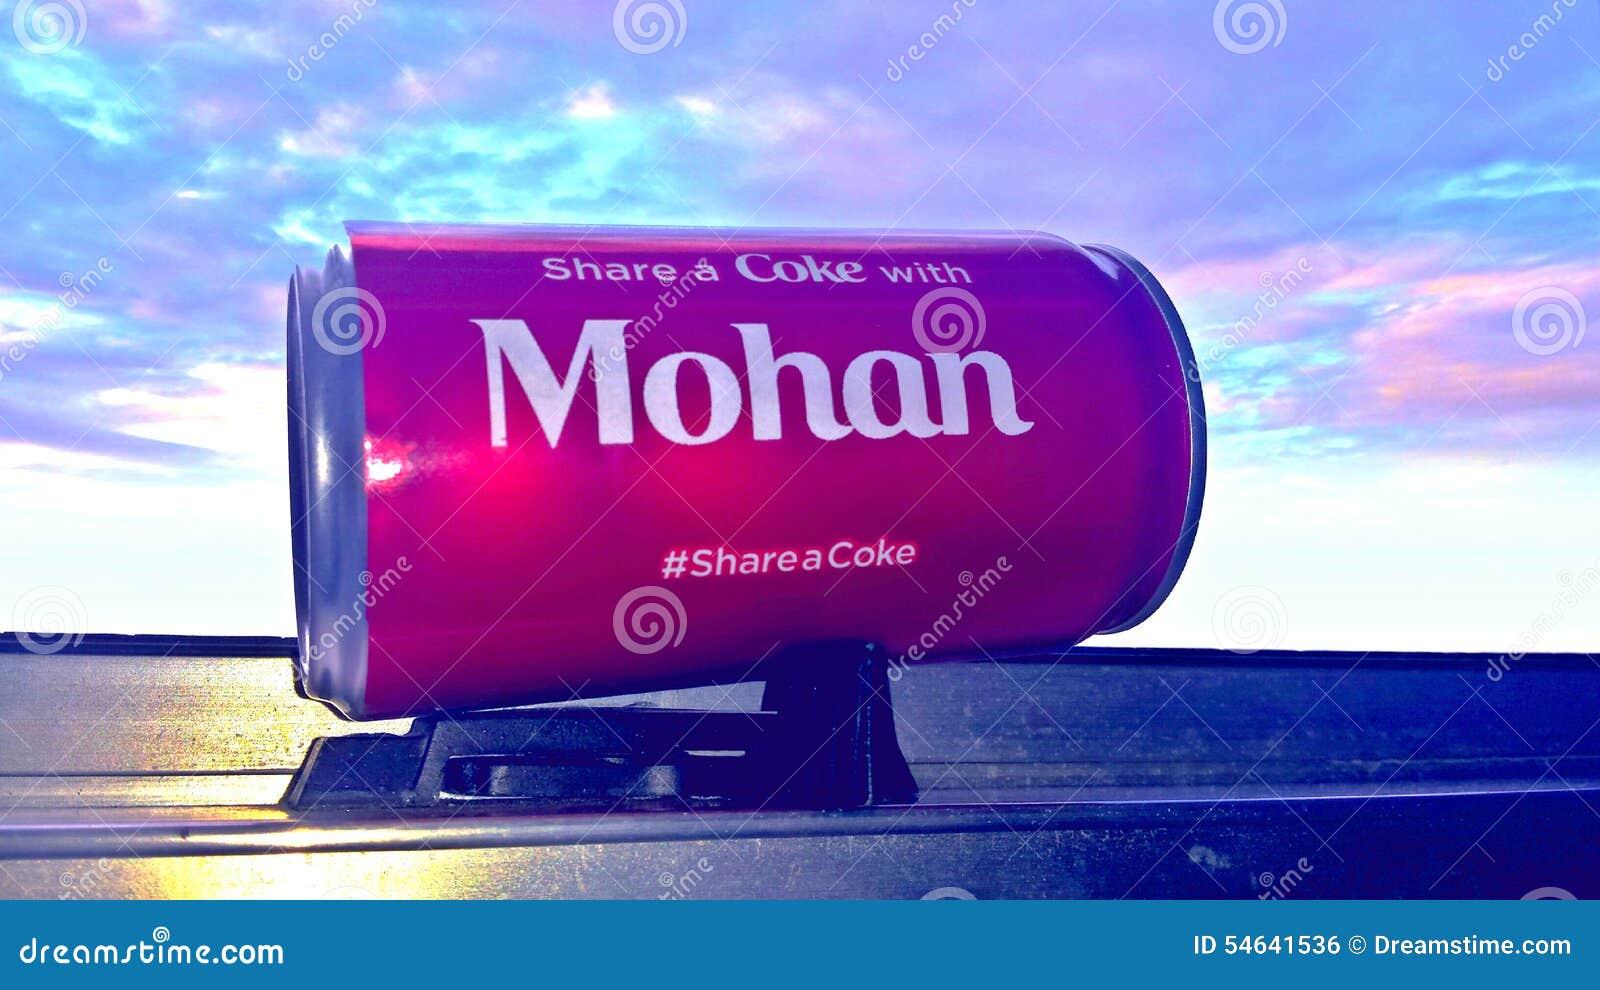 Divida un coke